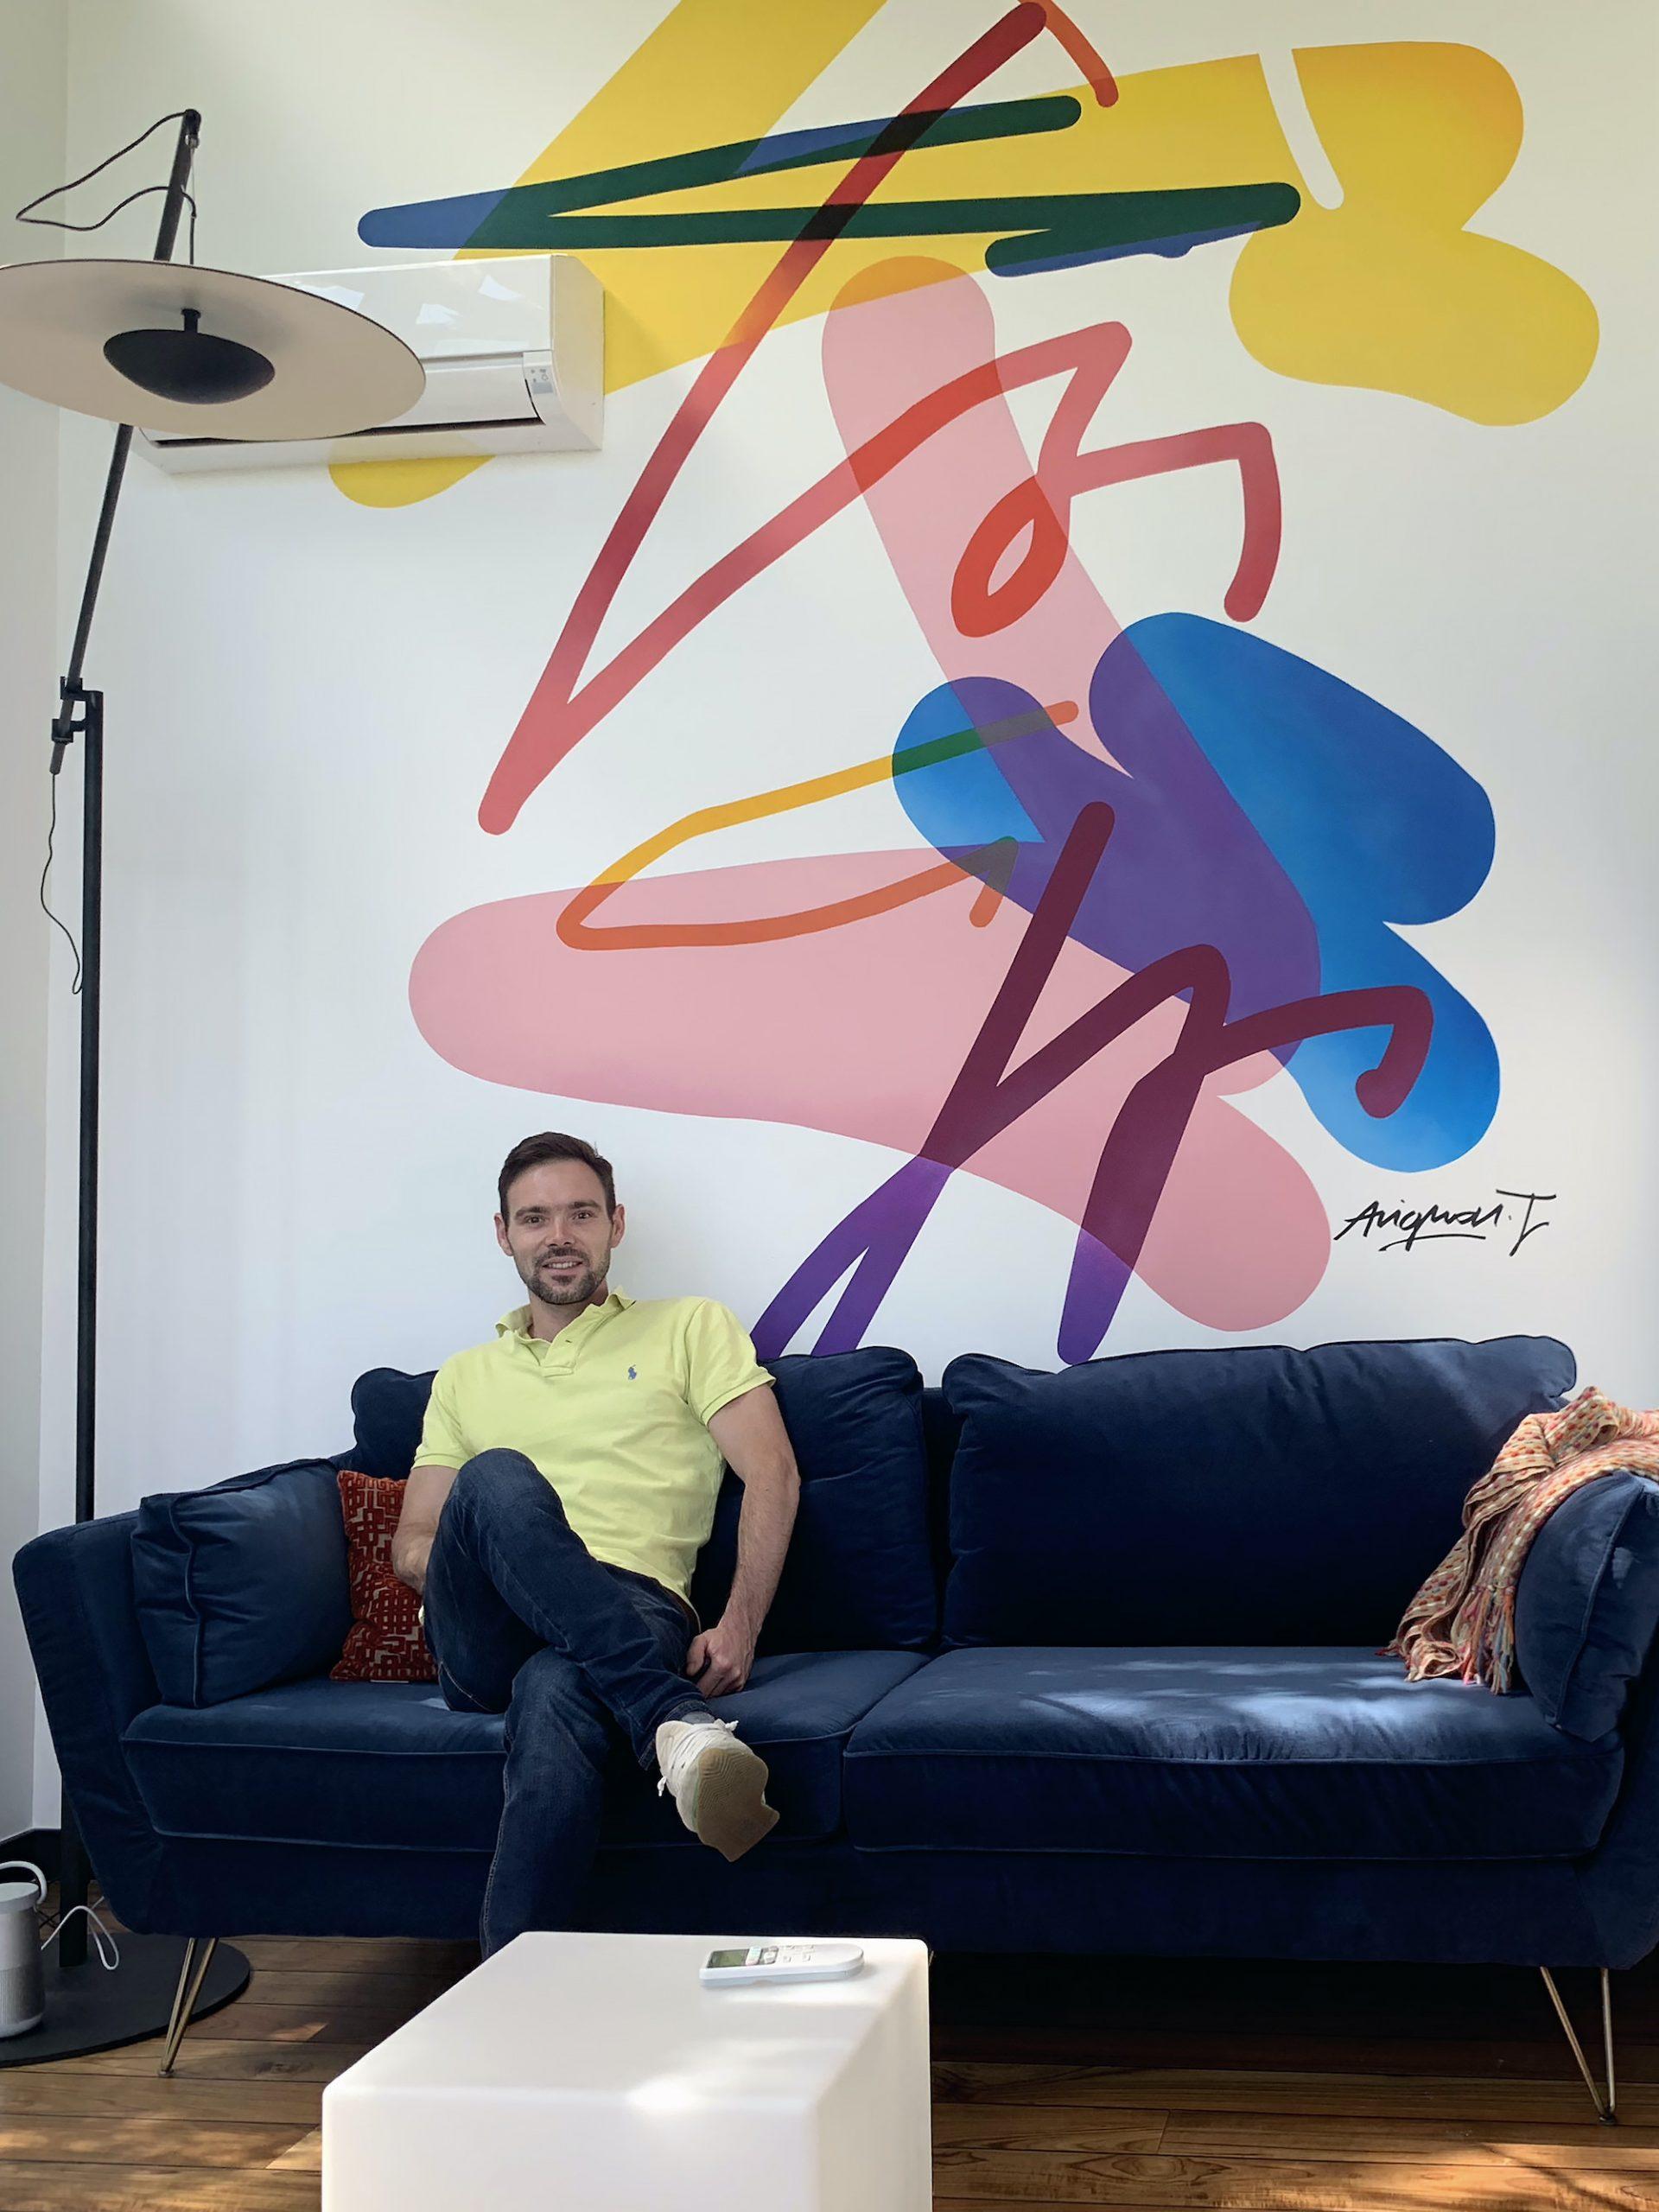 decoration-murale-graphique-design-artiste-graffeur-julienavignon